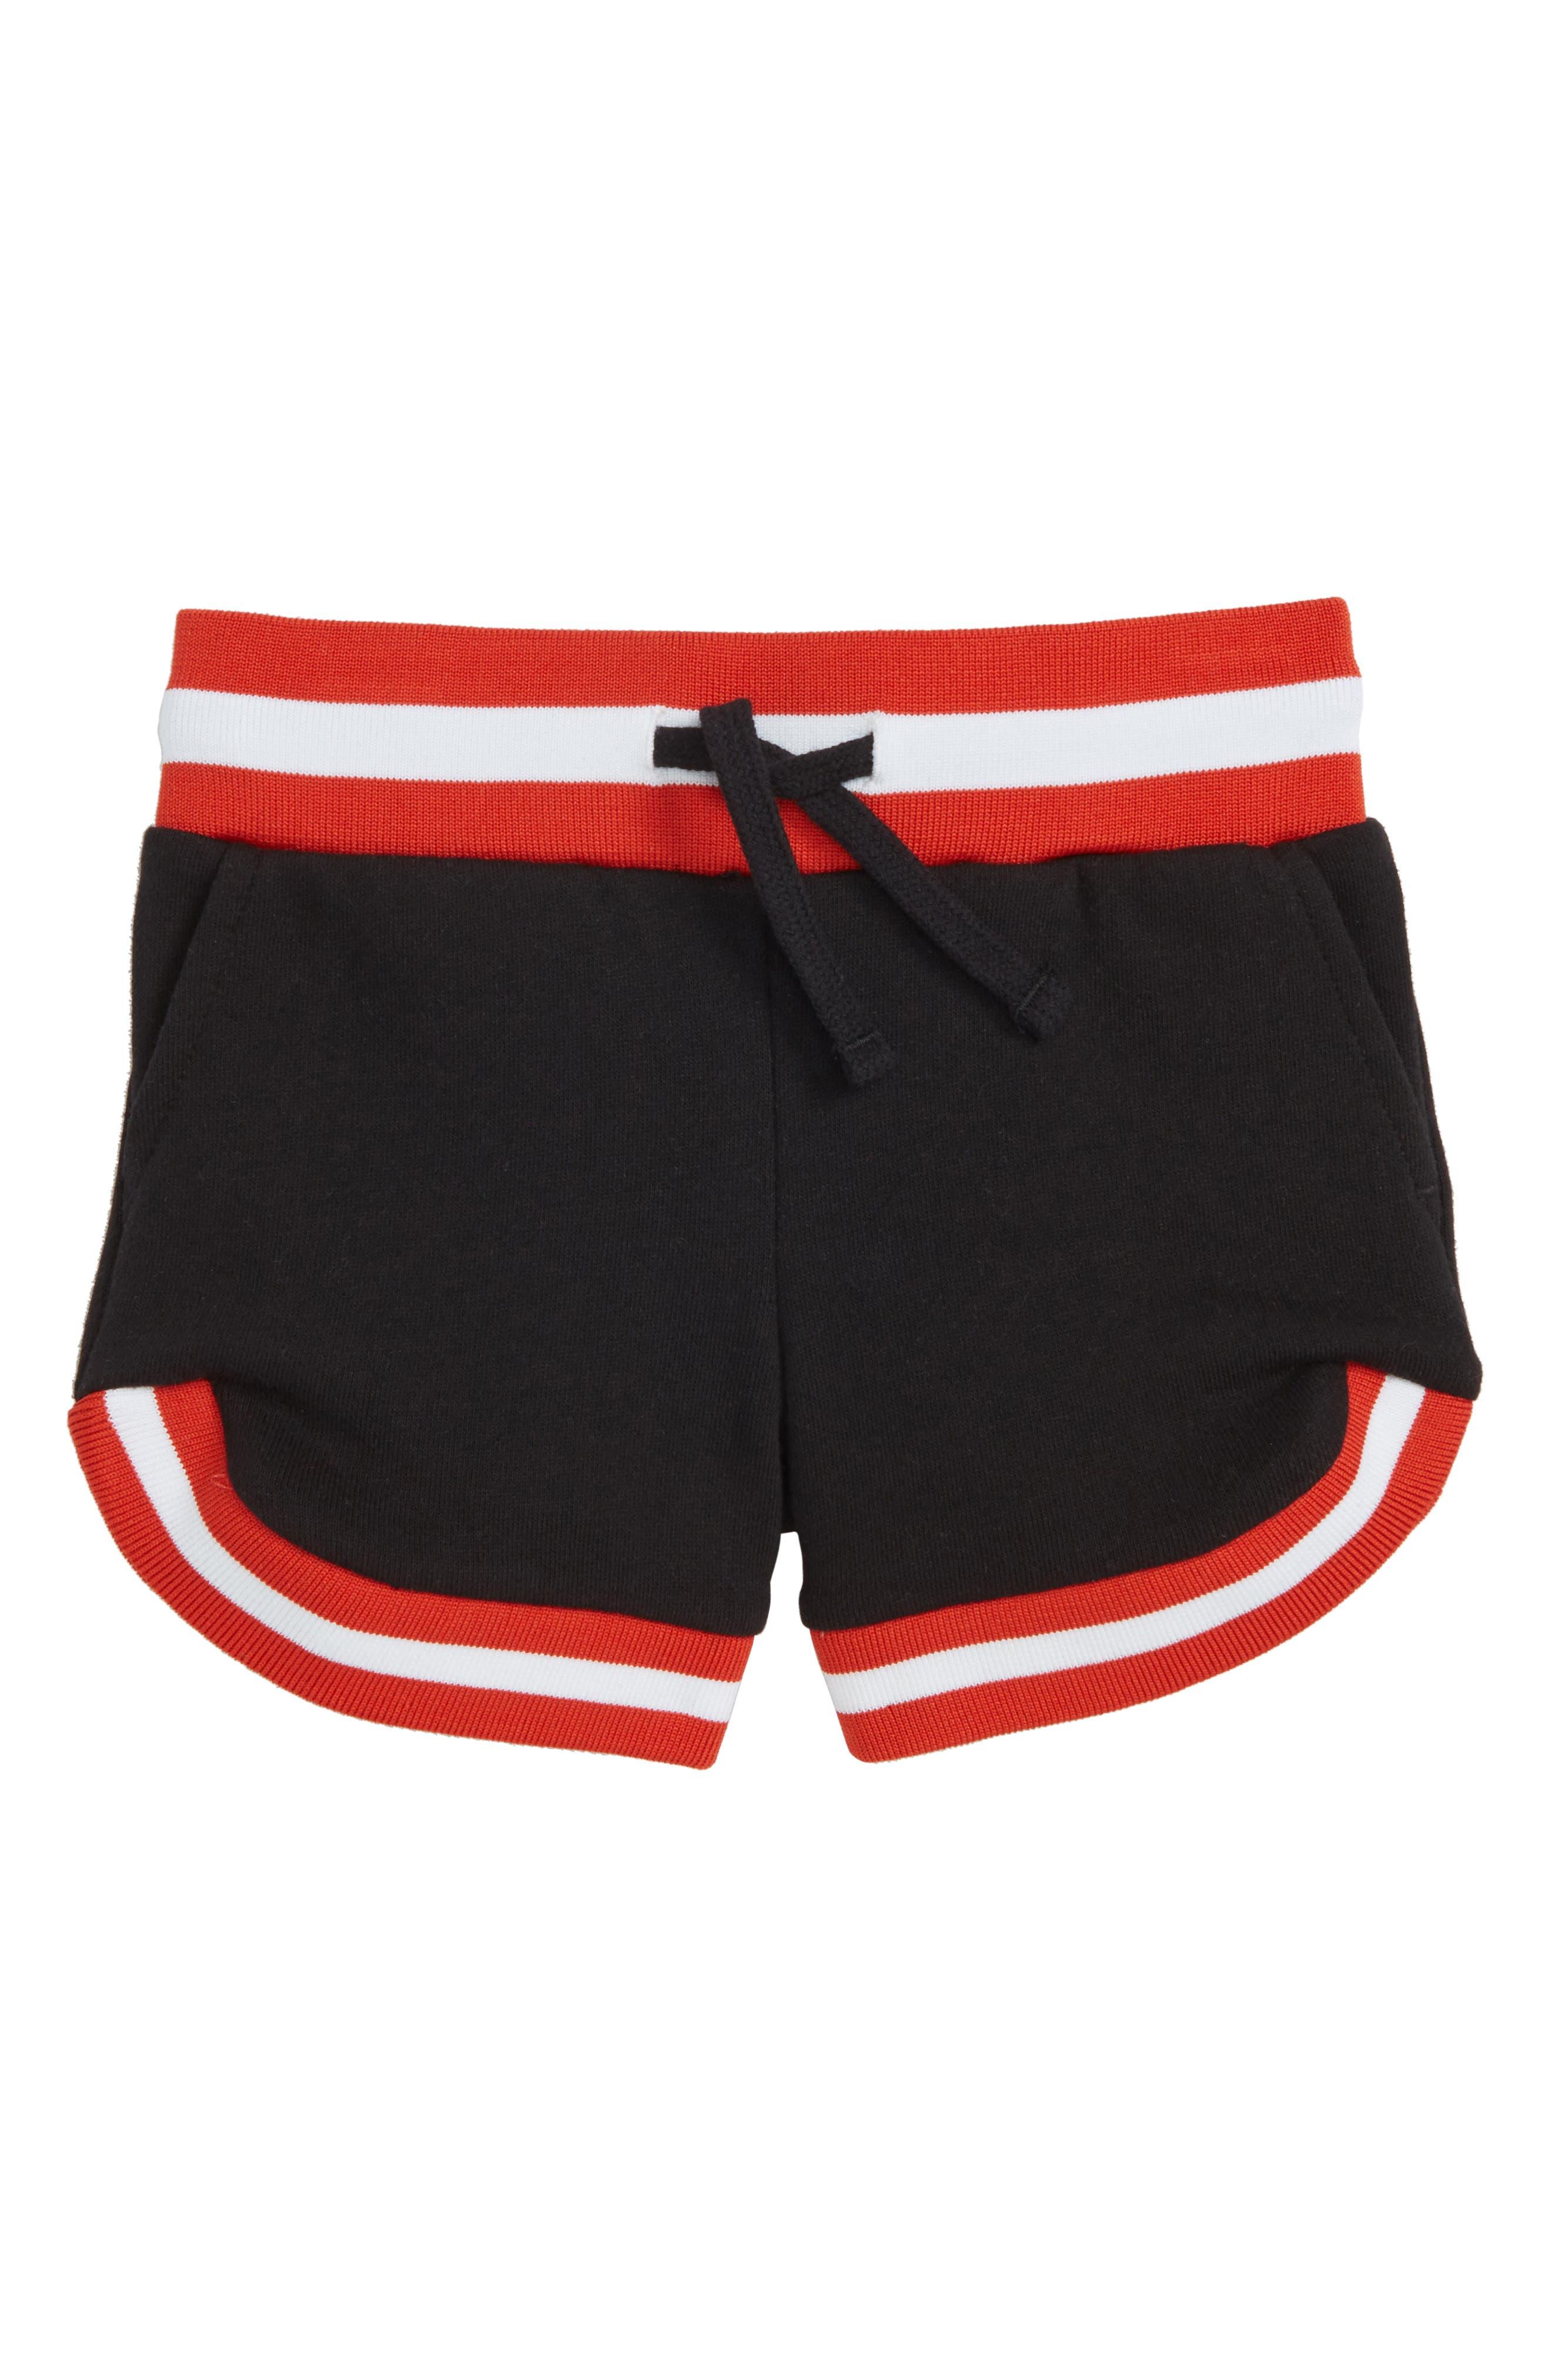 Delilah Shorts,                             Main thumbnail 1, color,                             001